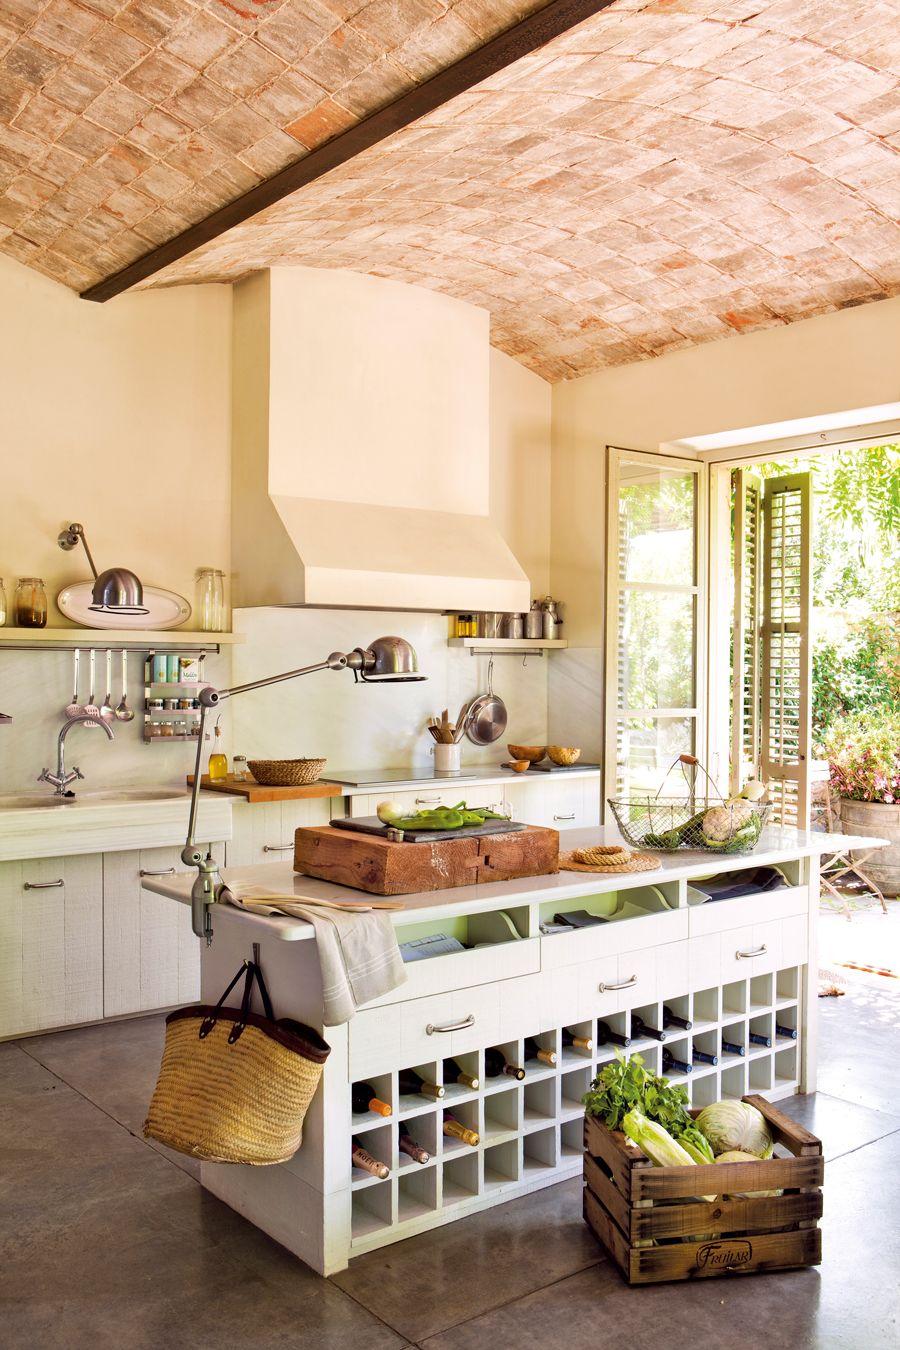 50 cocinas r sticas bonitas y con encanto cocinas - Muebles cocinas rusticas ...